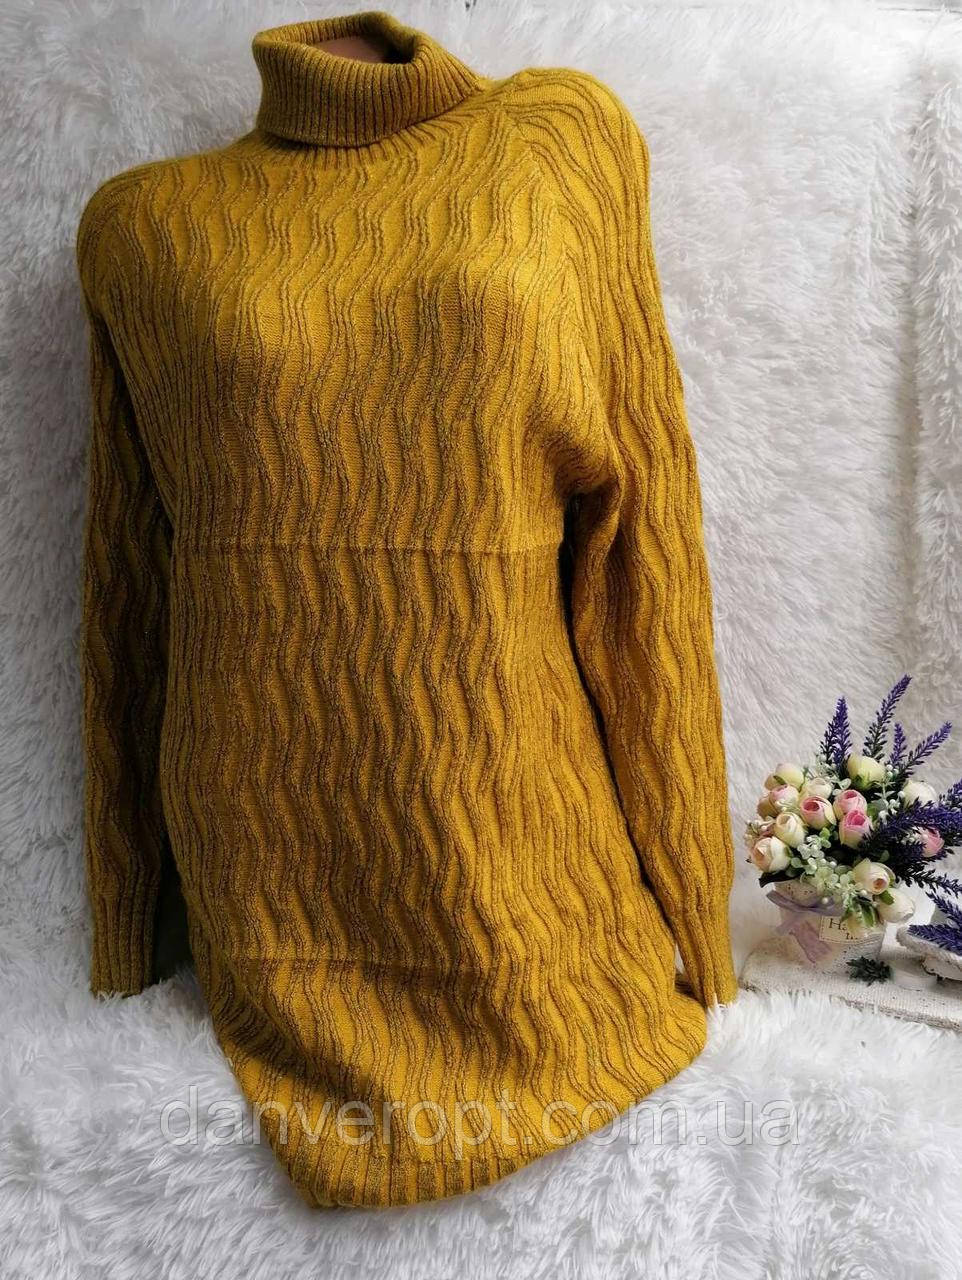 Туника женская модная стильная вязка размер универсальный 48-50 купить оптом со склада 7км Одесса